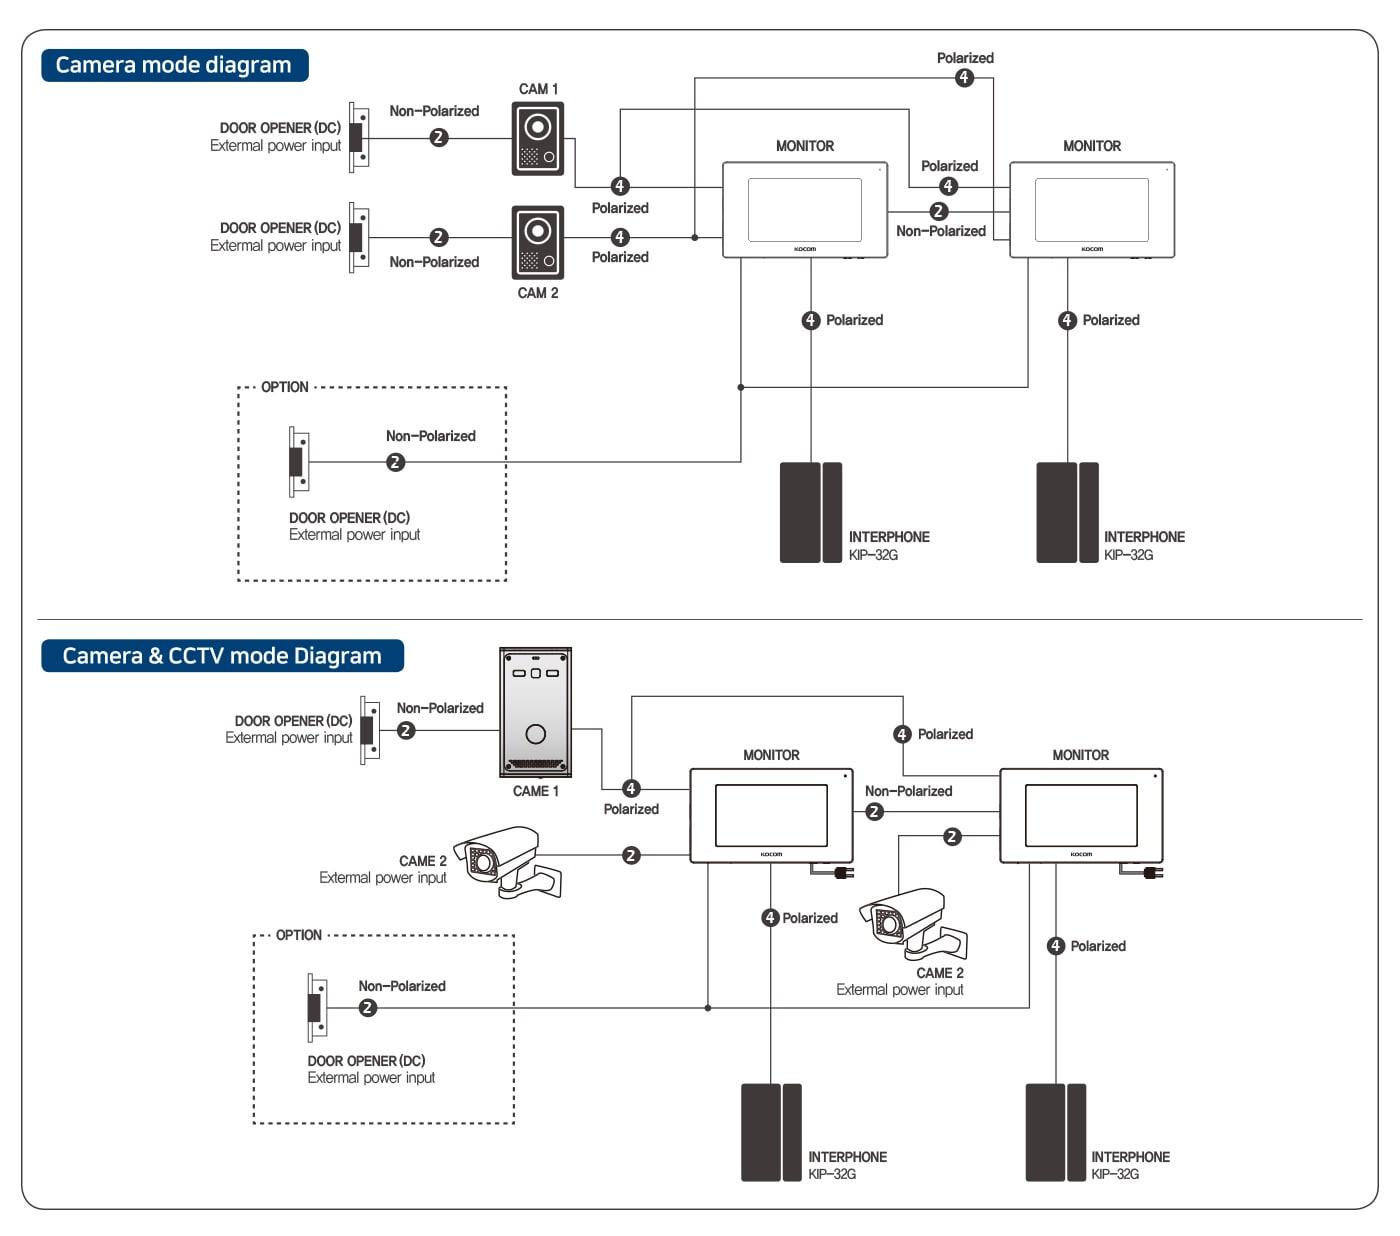 دیاگرام سیستم آیفون تصویری مانیتور مدل KCV-464